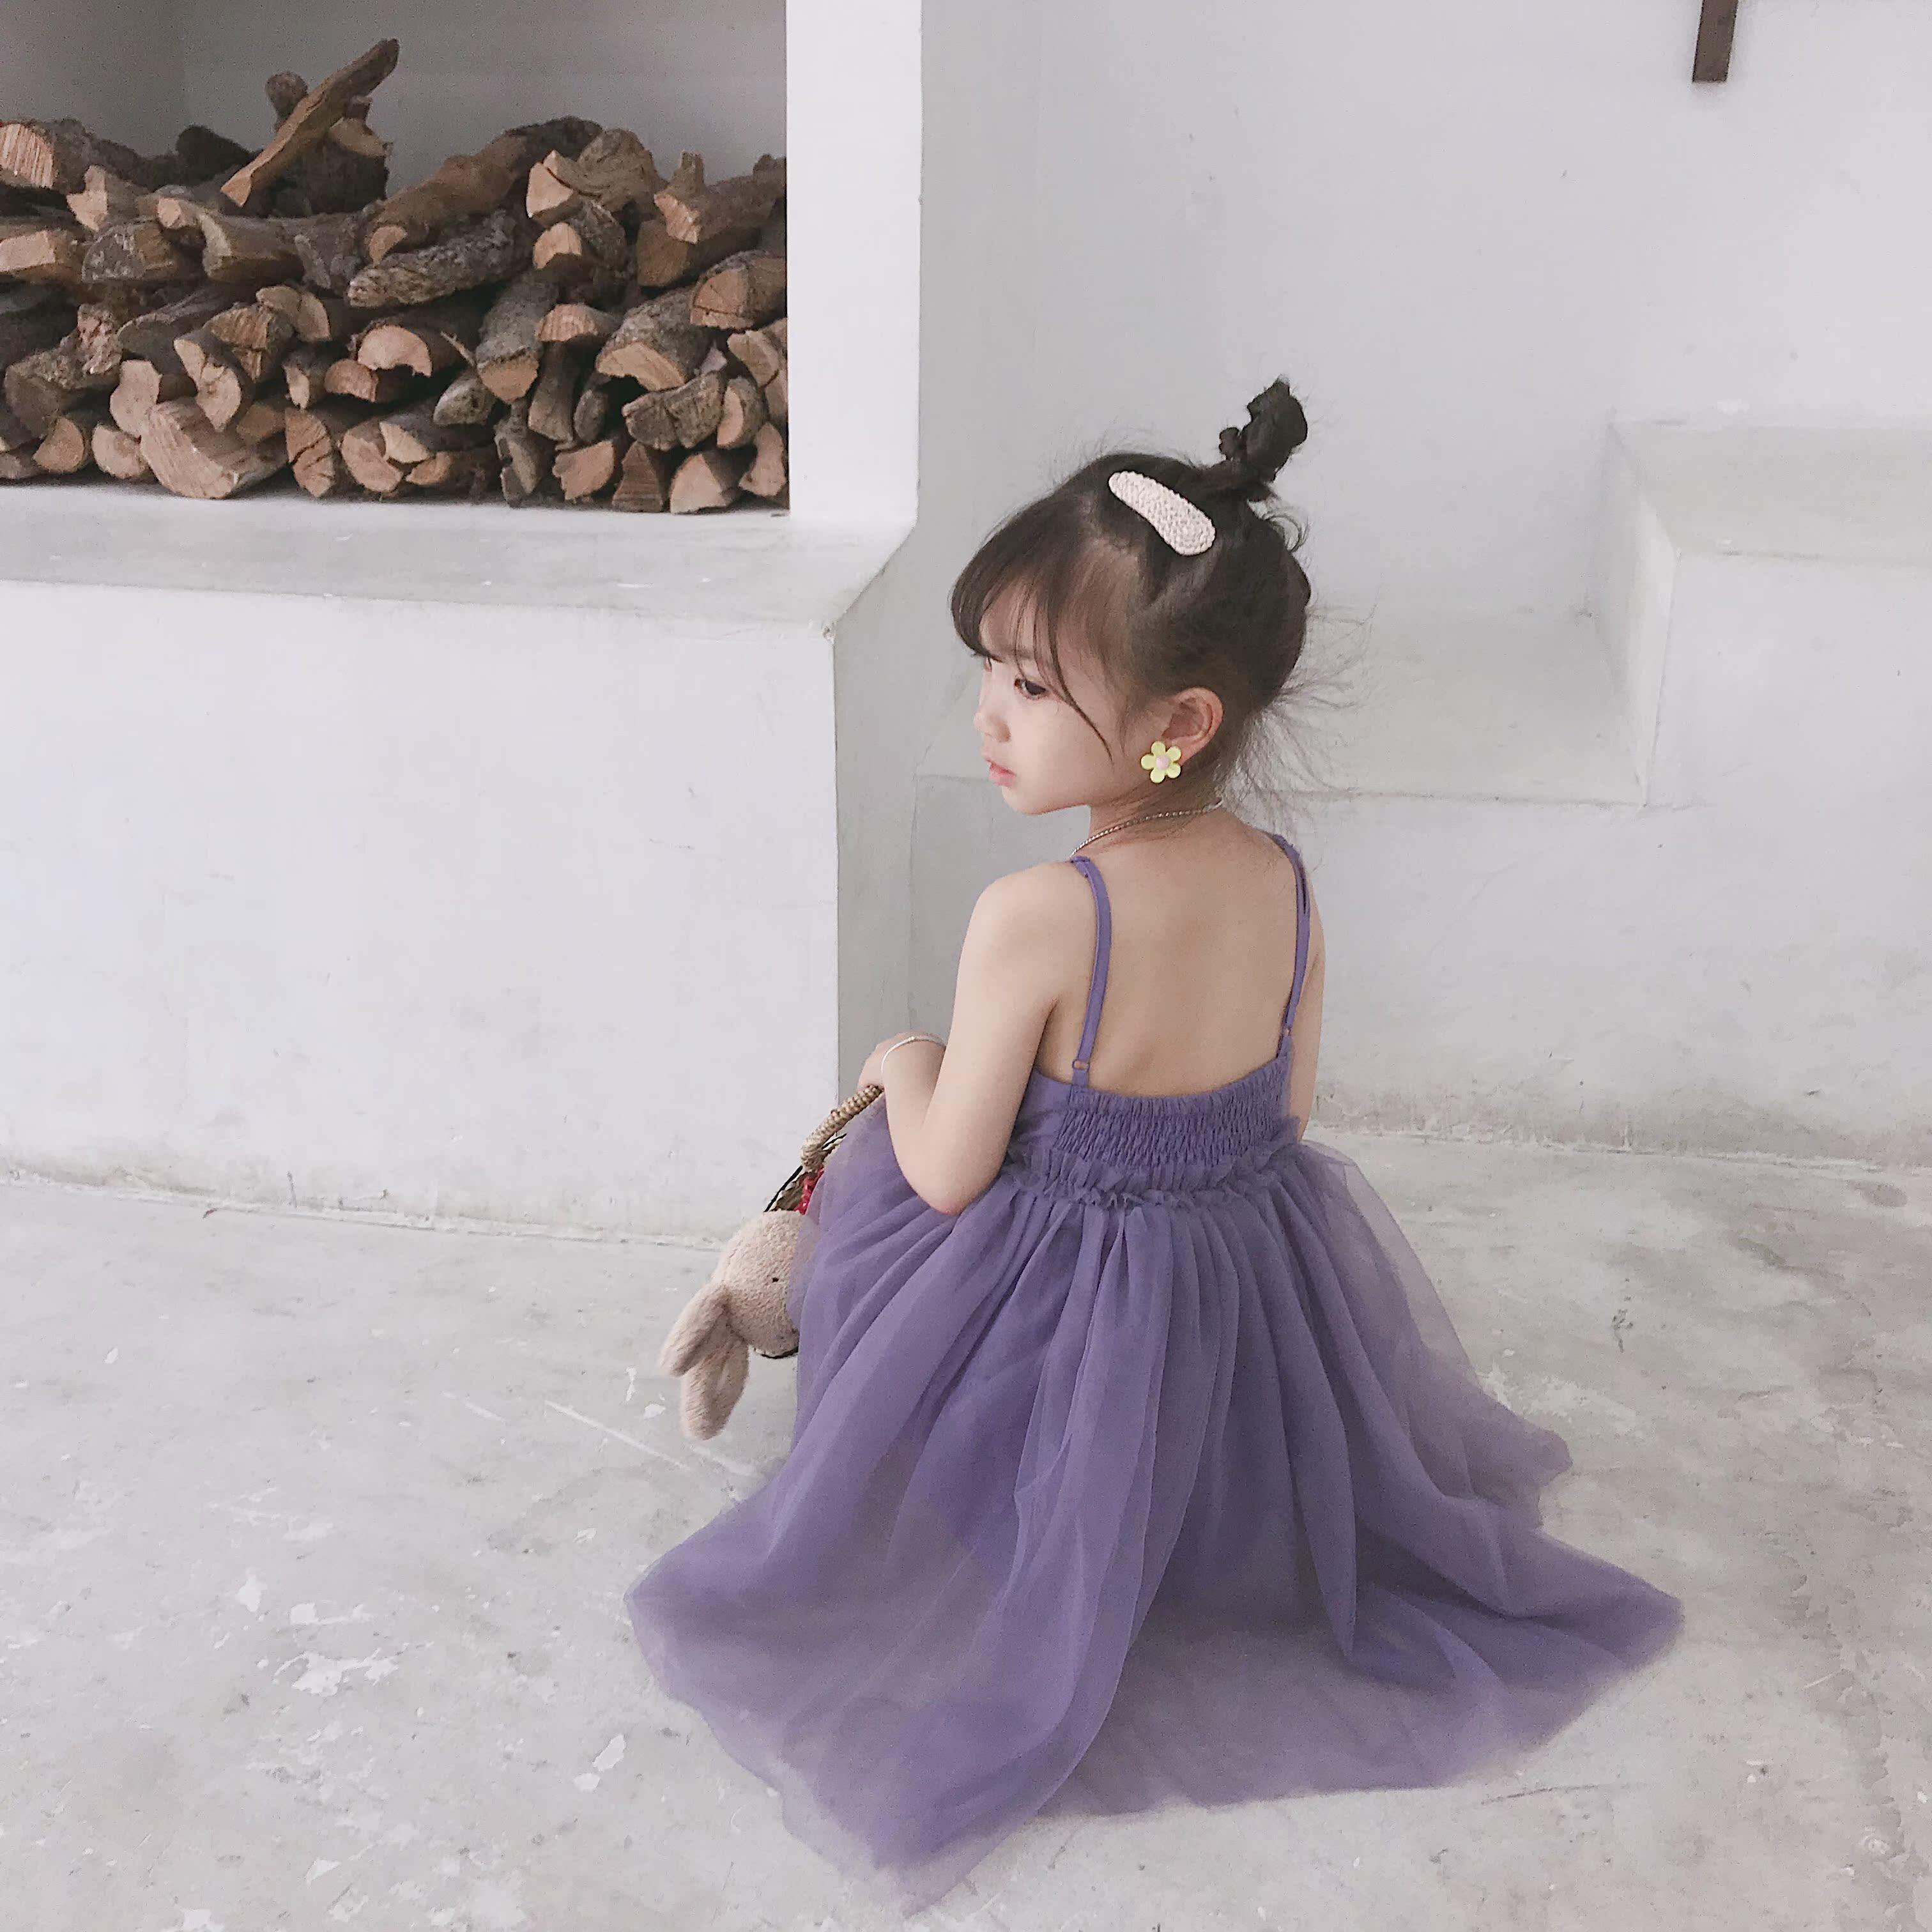 女童韩版童装纱裙吊带纯色夏季仙气露背性感网纱连衣裙429